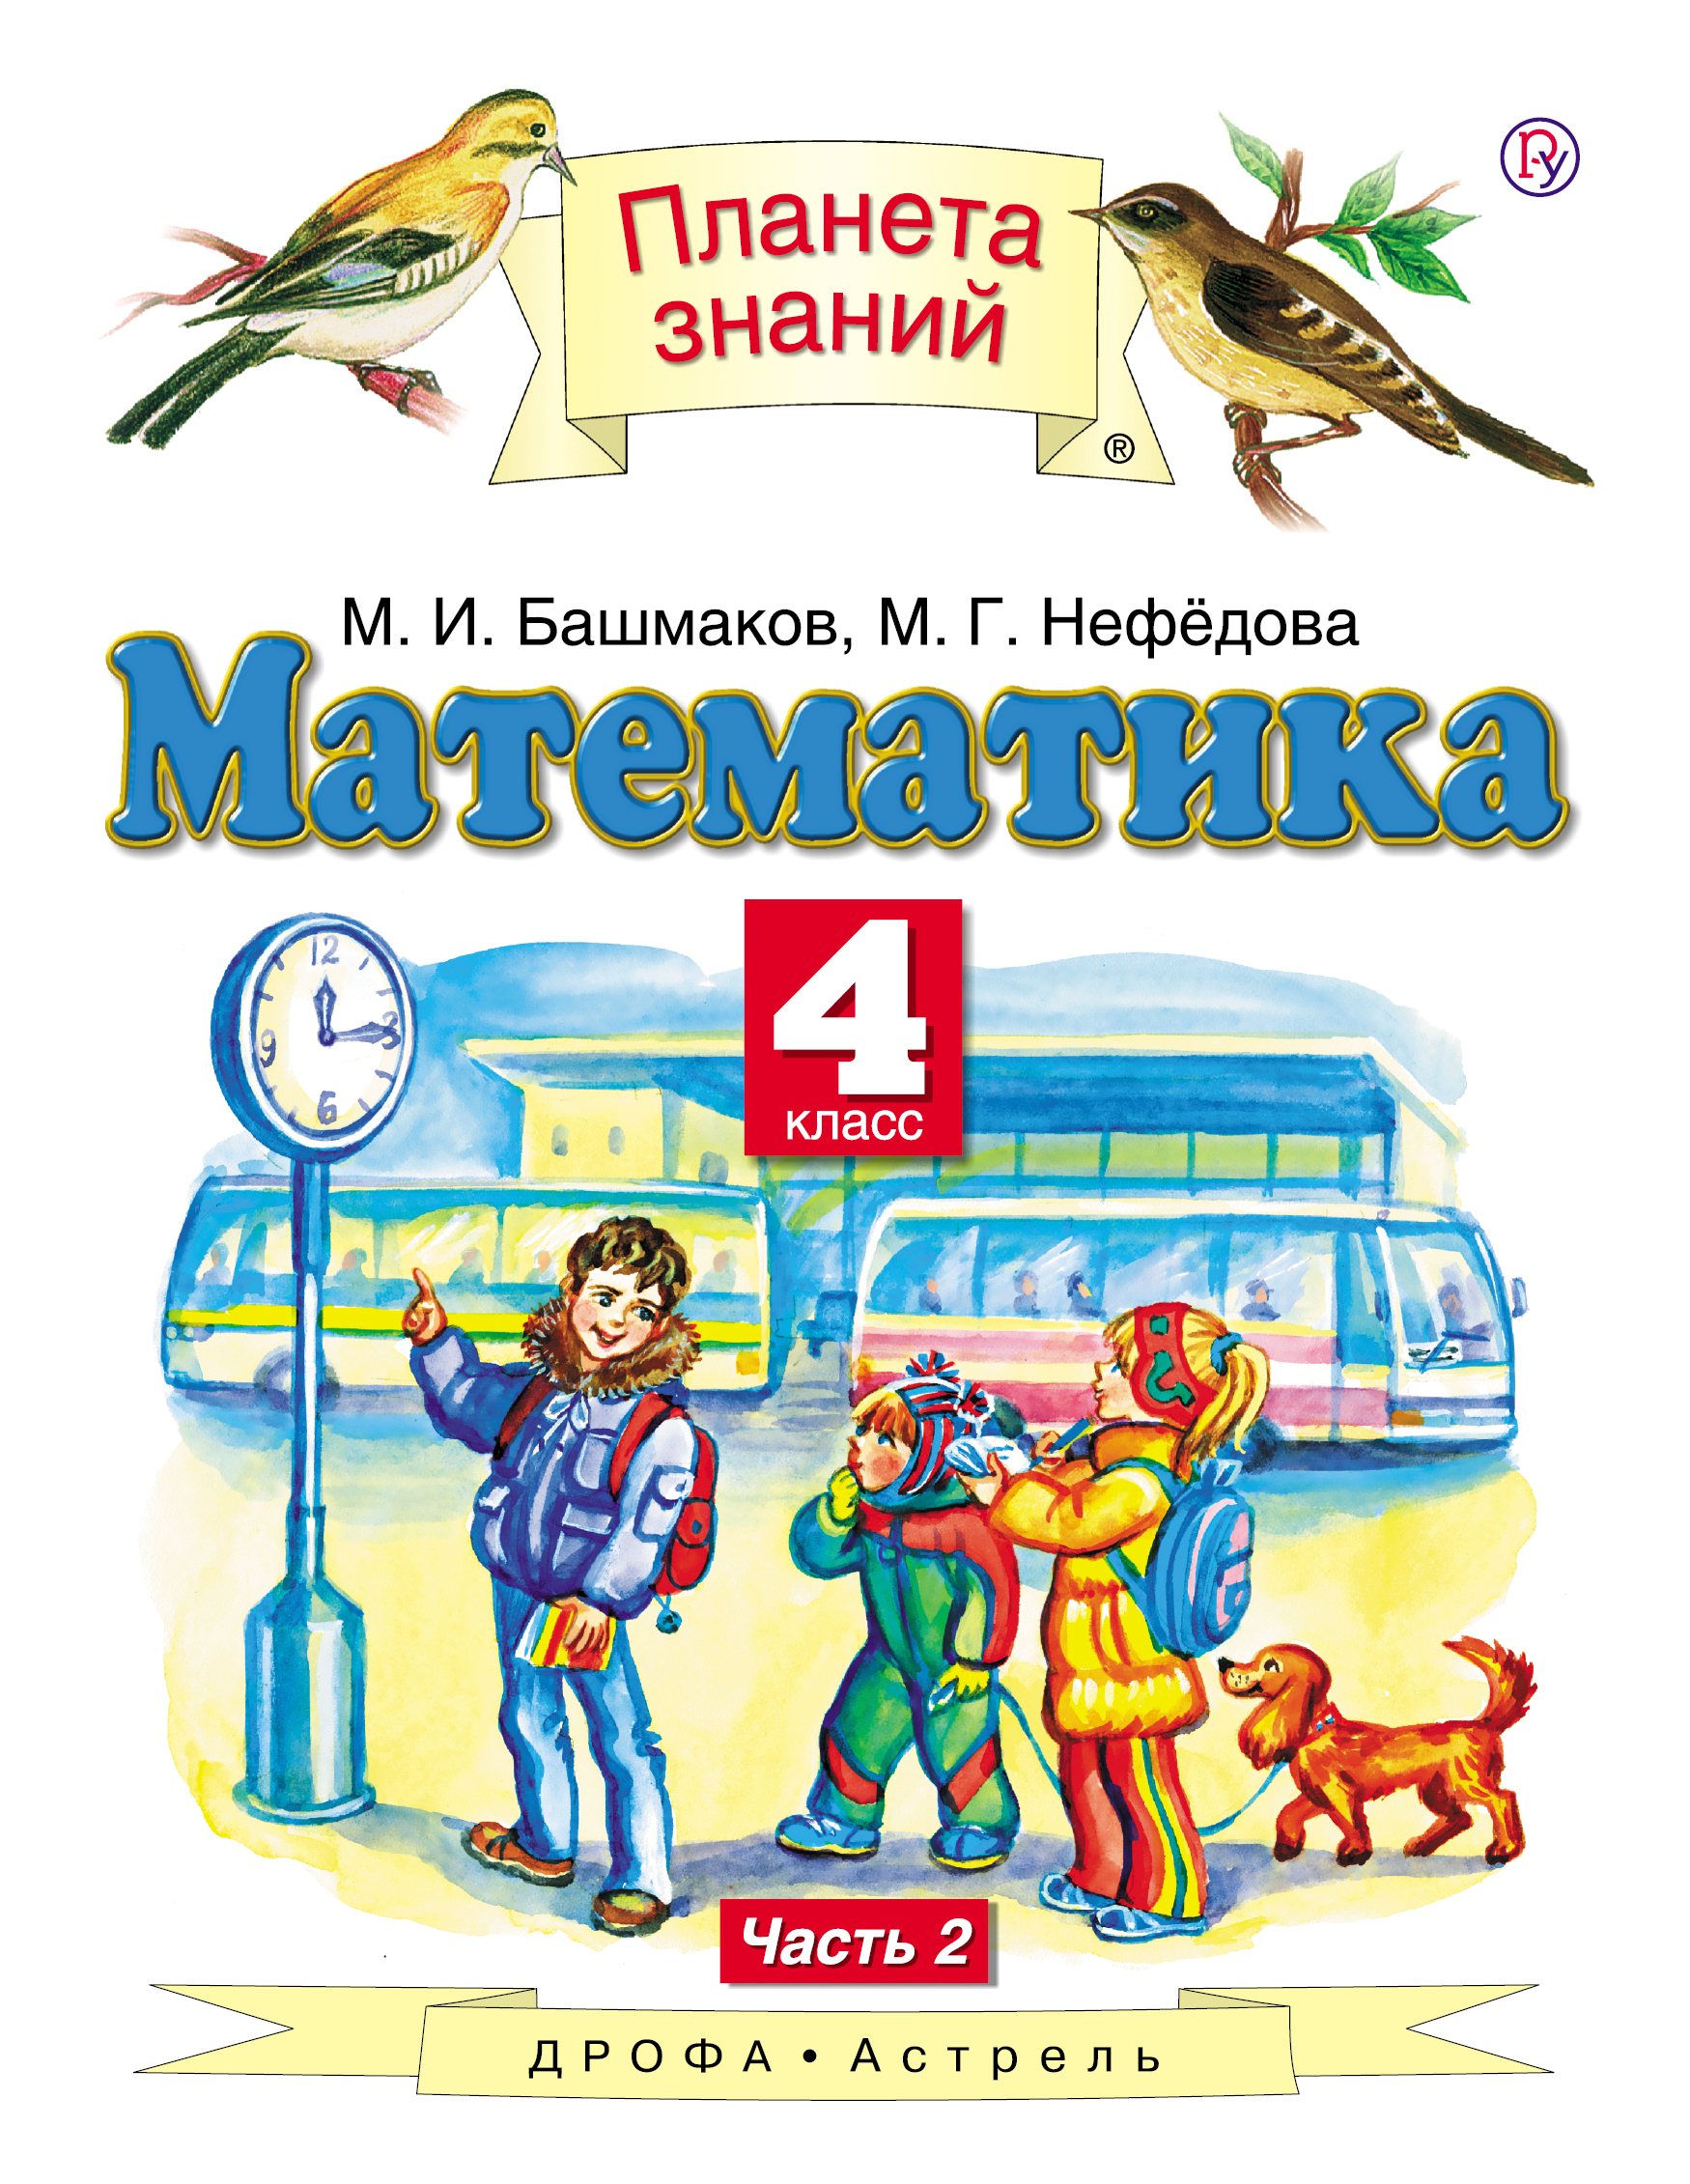 Башмаков Марк Иванович; Нефедова М. Г. Математика. 4 класс. Учебник в 2 частях. Часть 2 башмаков м нефедова м математика 4 класс учебник часть 2 фгос